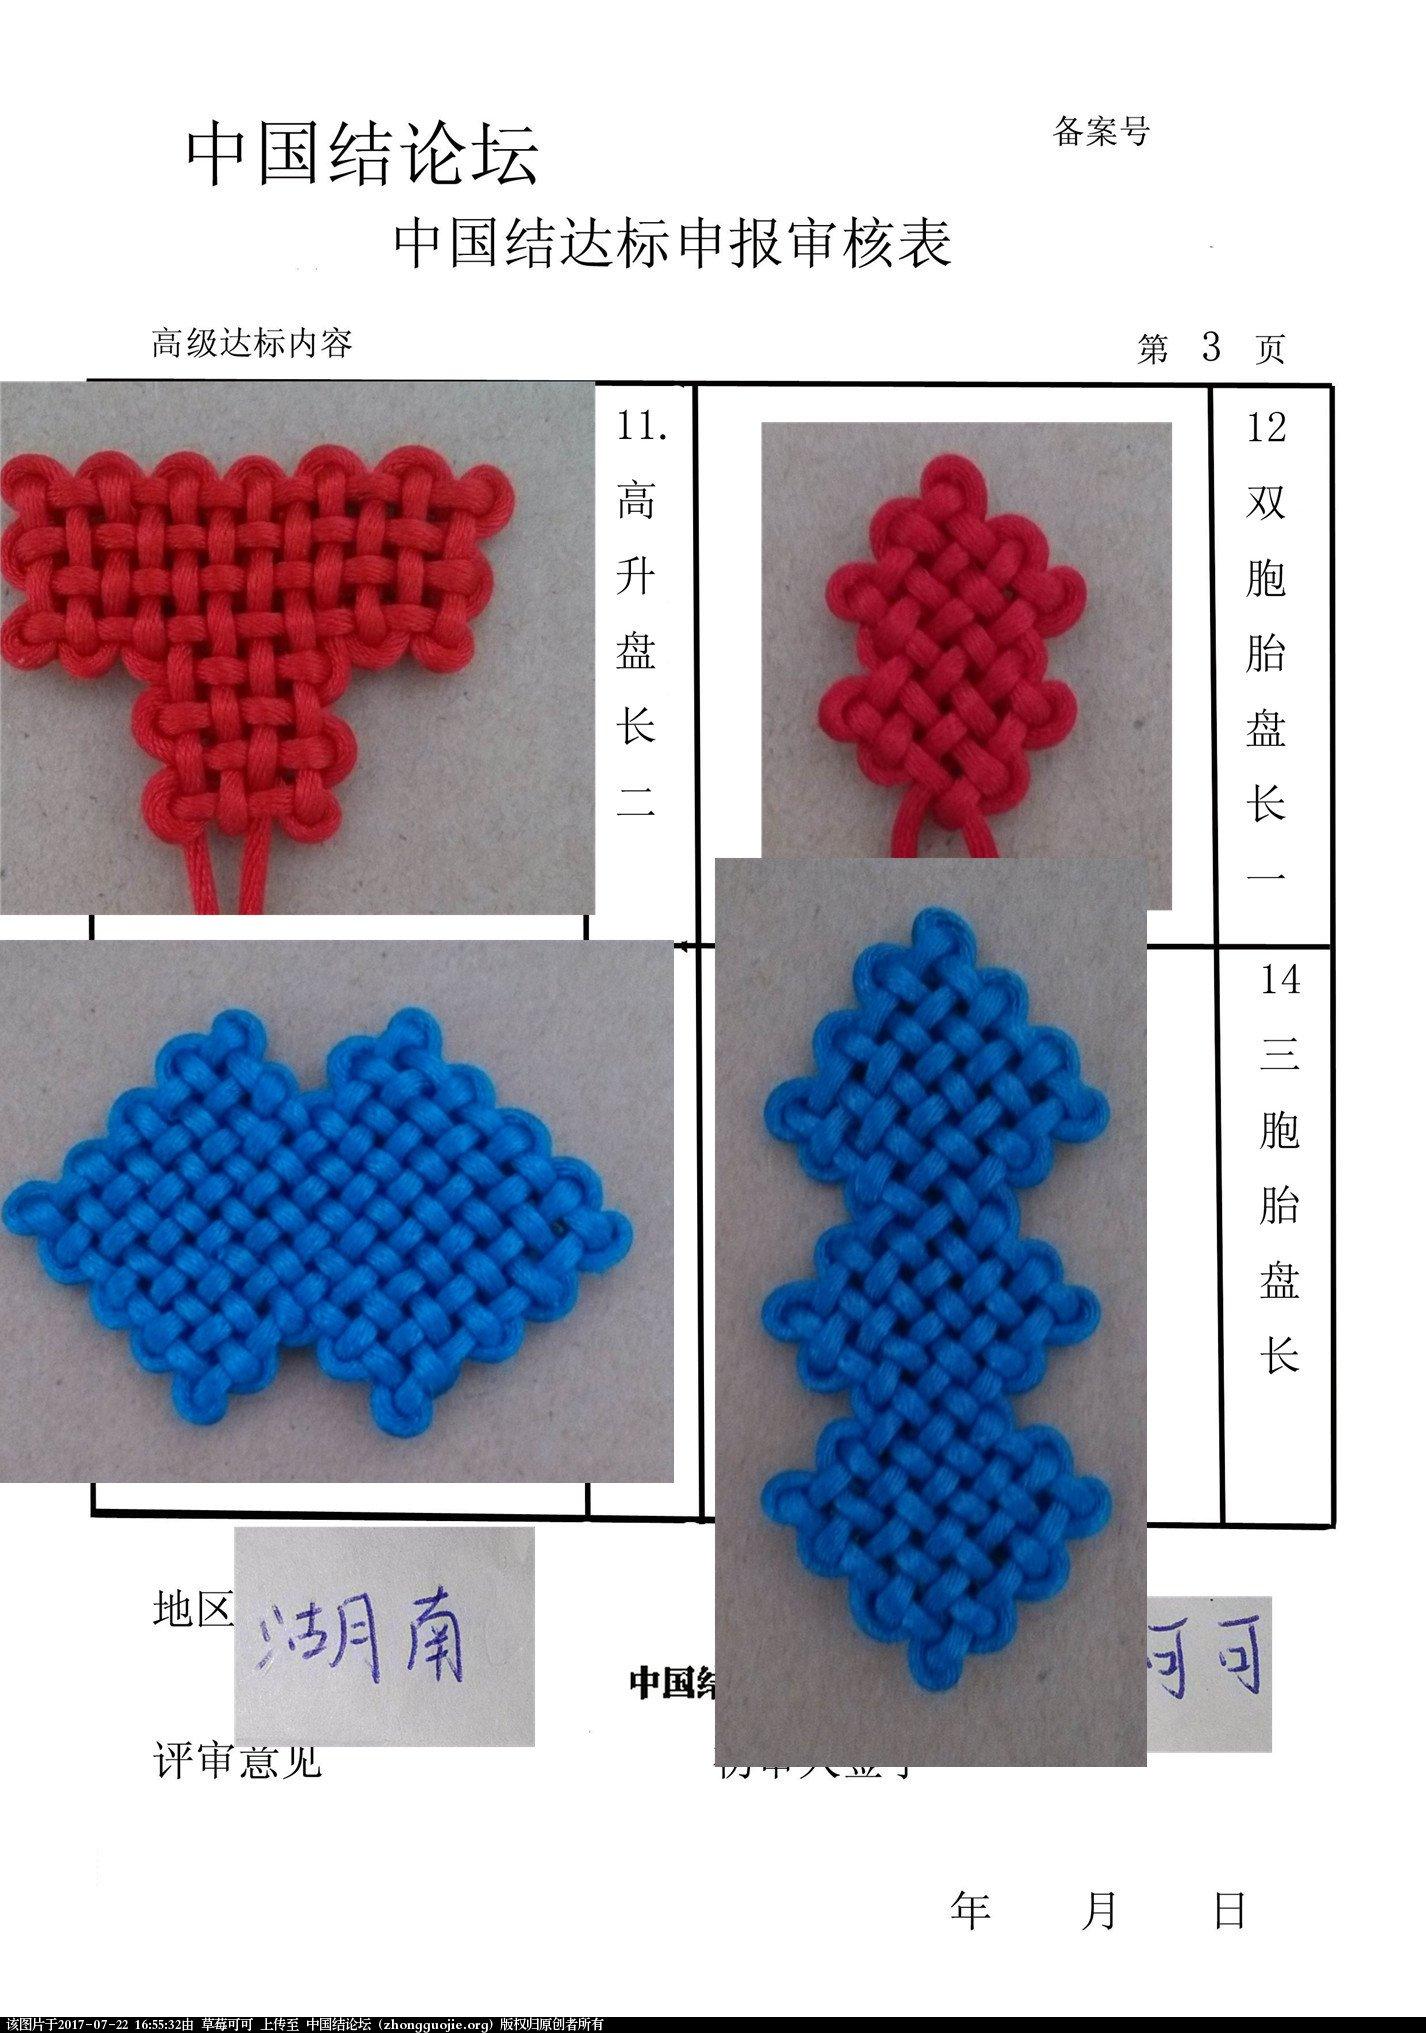 中国结论坛 草莓可可高级达标考核,已重做  中国绳结艺术分级达标审核 165249cimhhm2i2fivwa2w